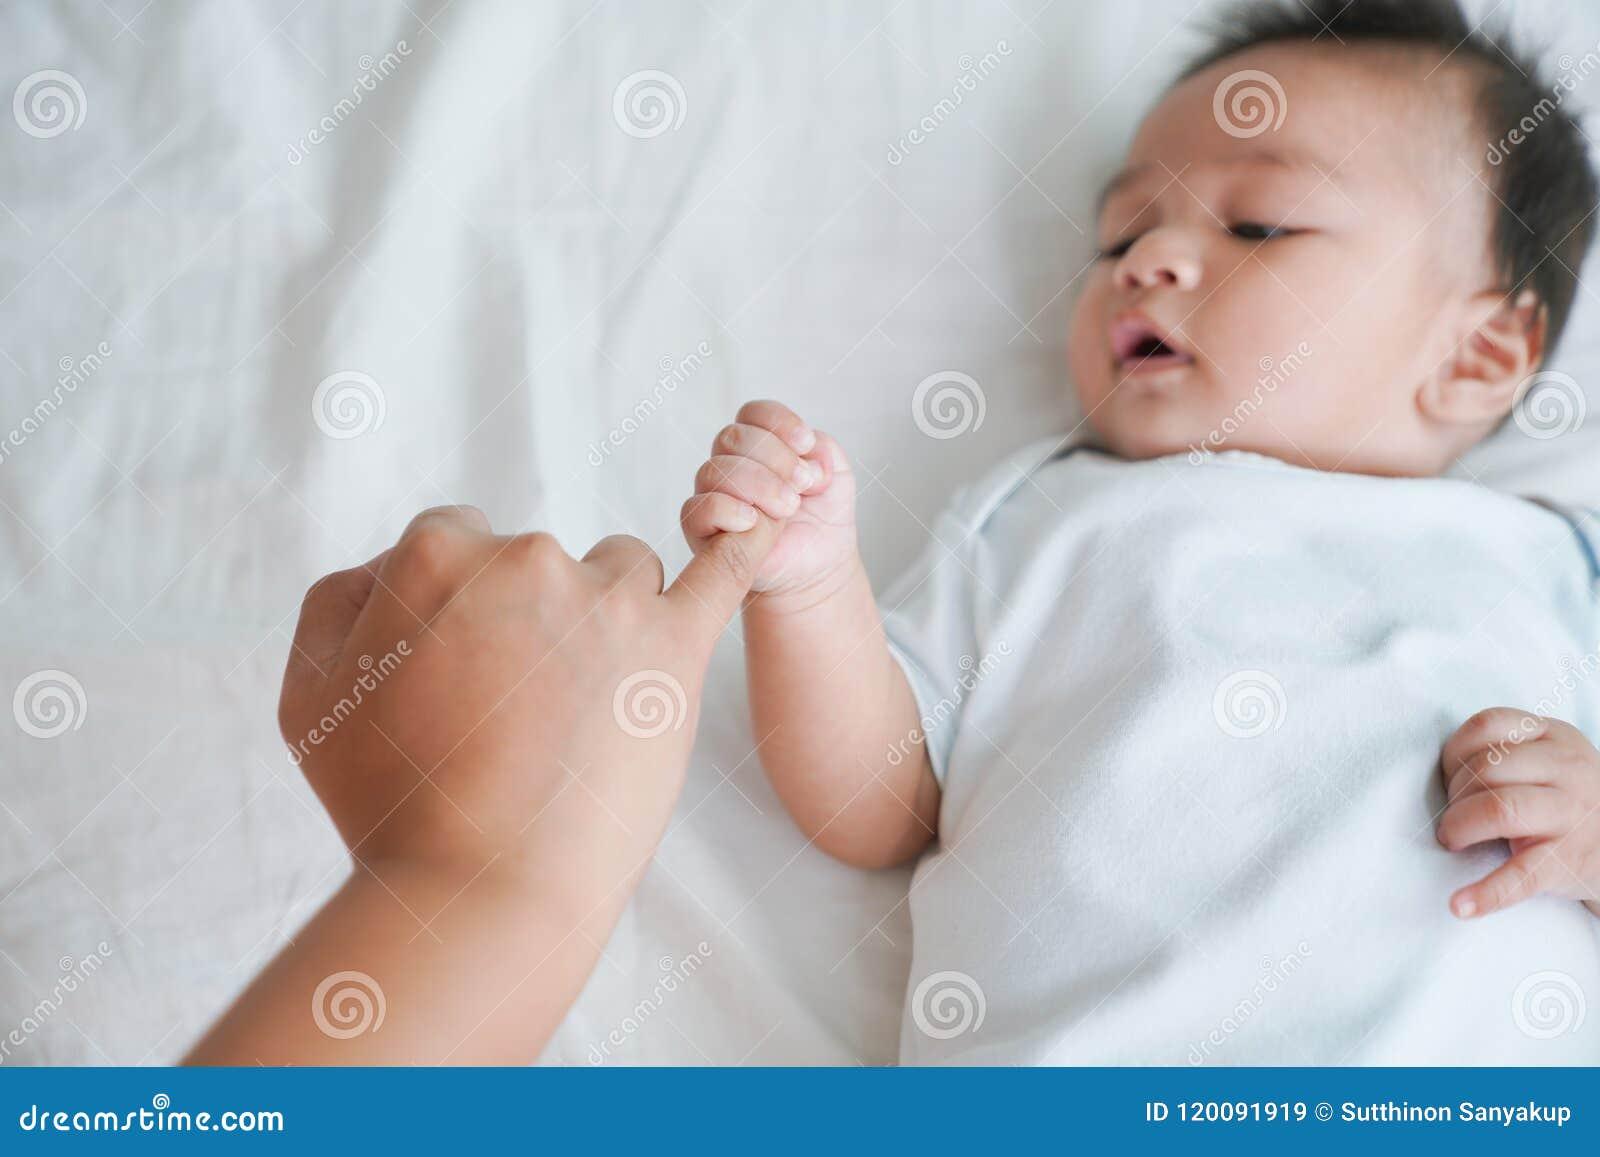 Mão do bebê de sono na mão do fim da mãe acima na cama, na família nova e na proteção do bebê do conceito da mamã